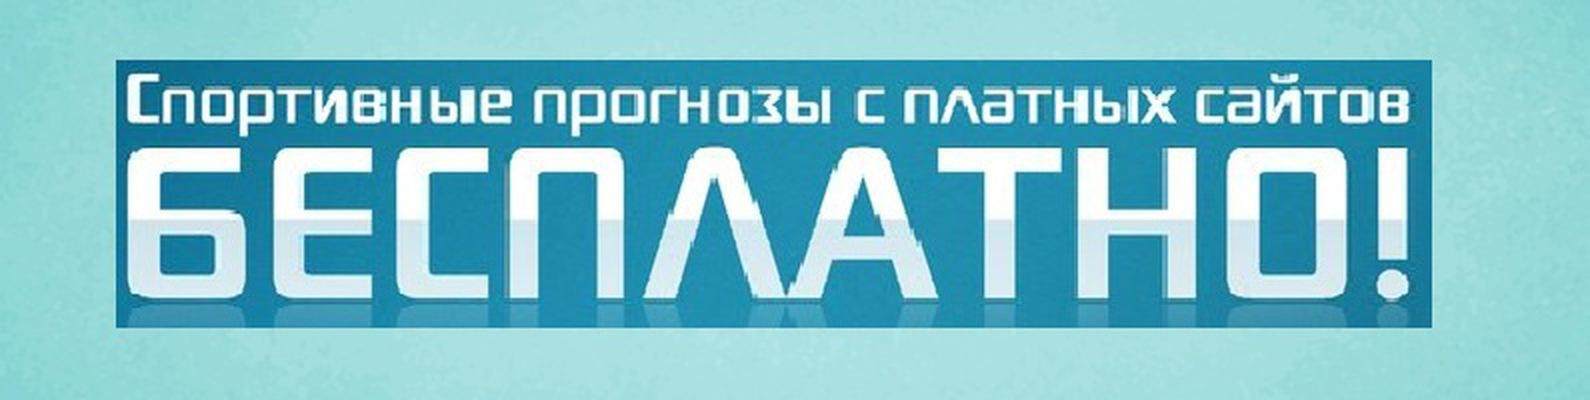 бесплатные прогнозы с платных сайтов вконтакте